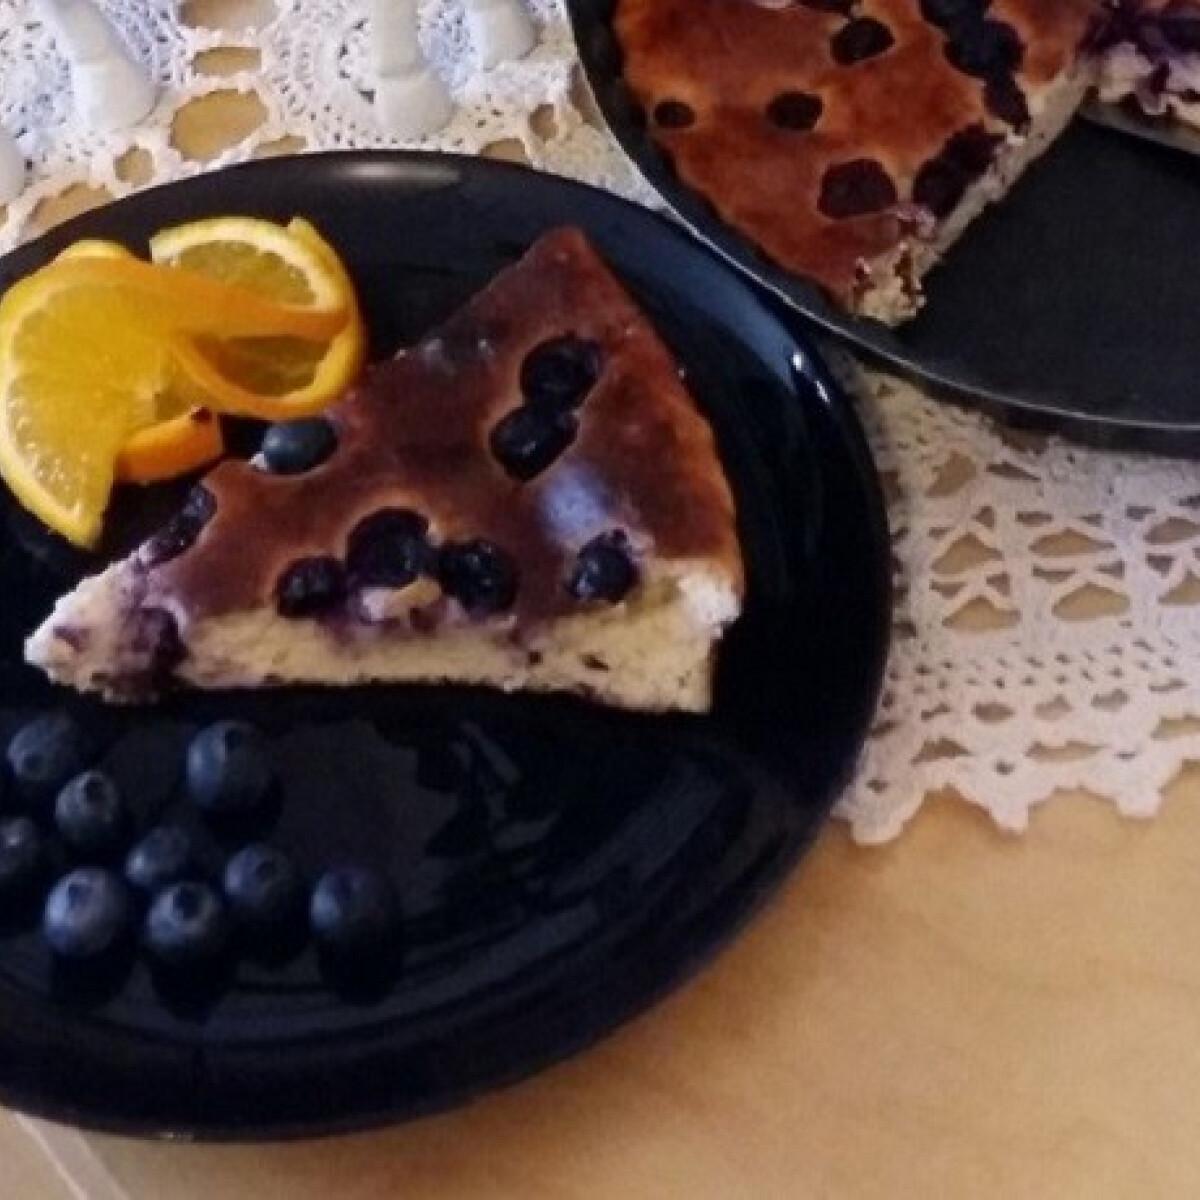 Ezen a képen: Gyors diétás túrós süti